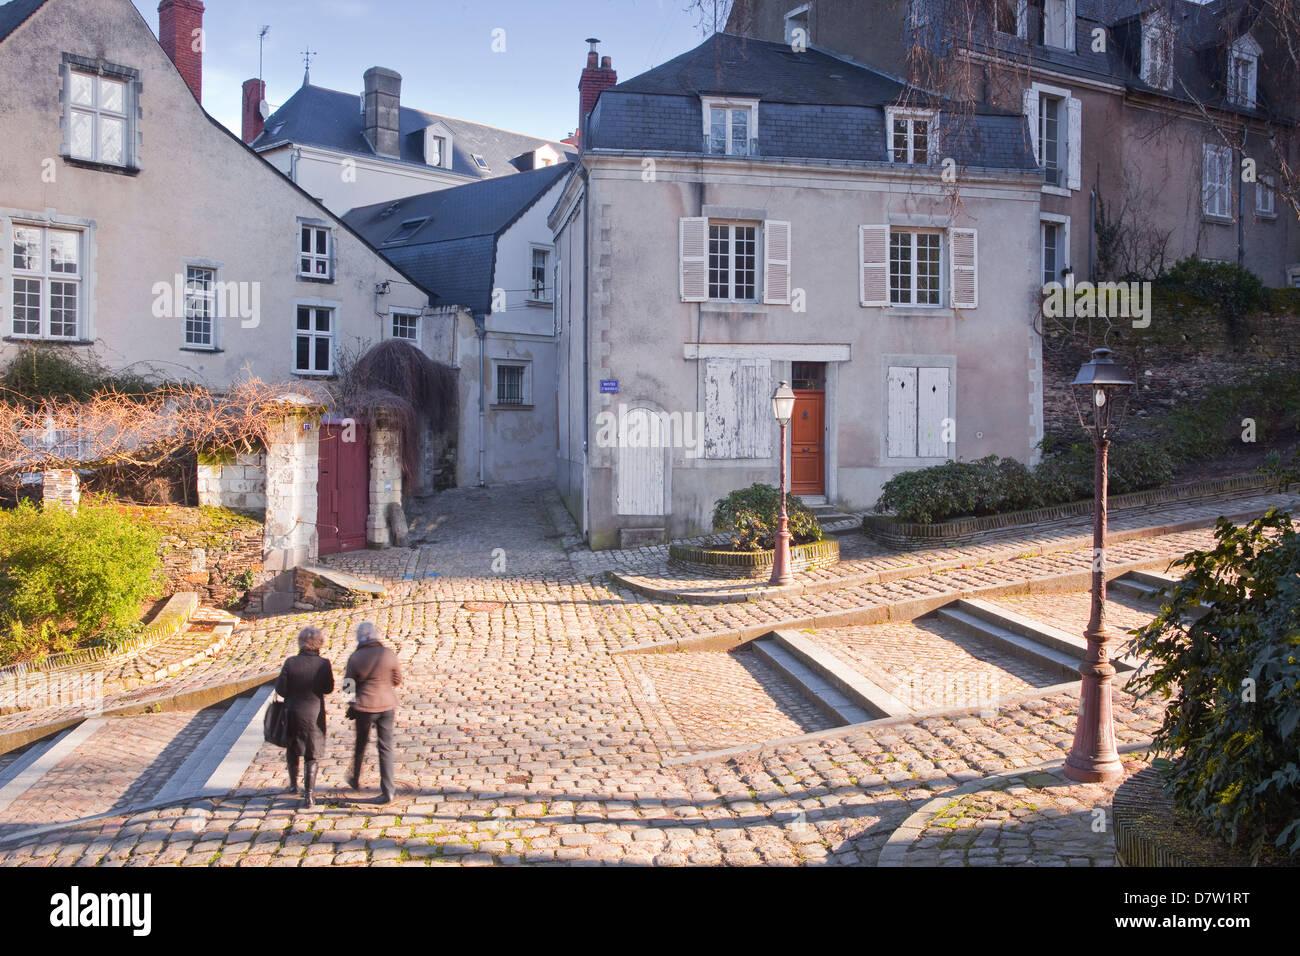 La gente caminando por la parte vieja de la ciudad de Angers, Maine-et-Loire, Francia Imagen De Stock